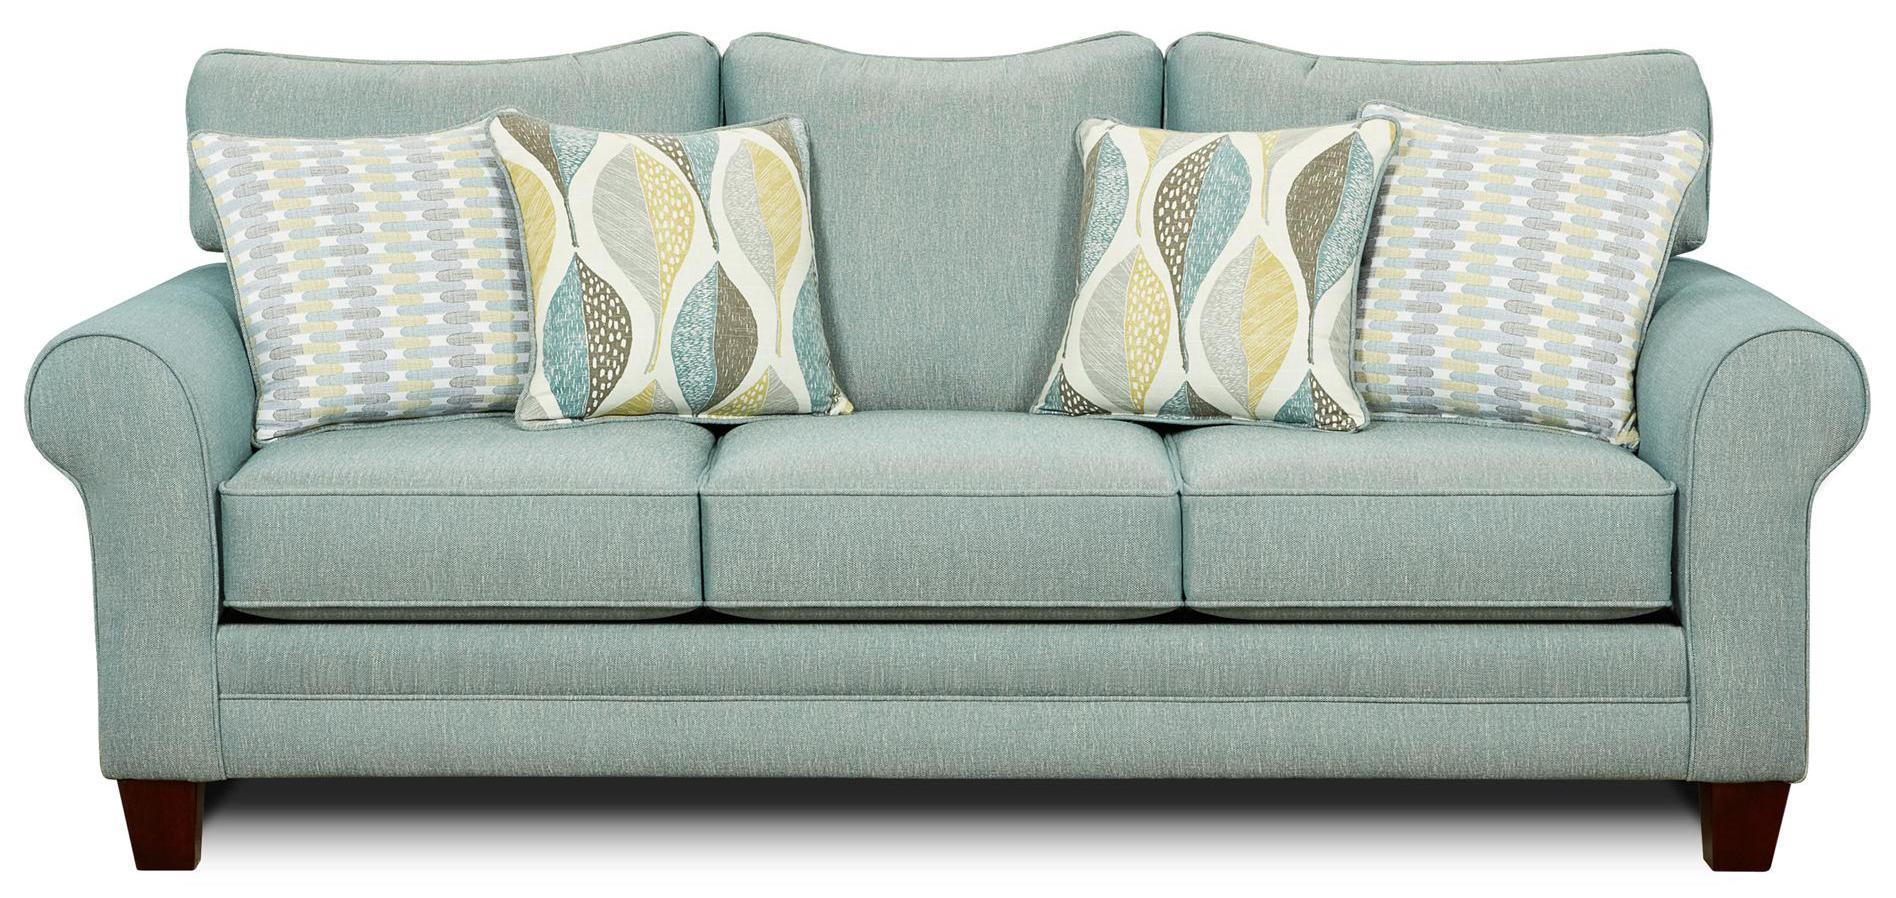 Fusion Furniture 1140 Sofa - Item Number: 1140Decade Aqua